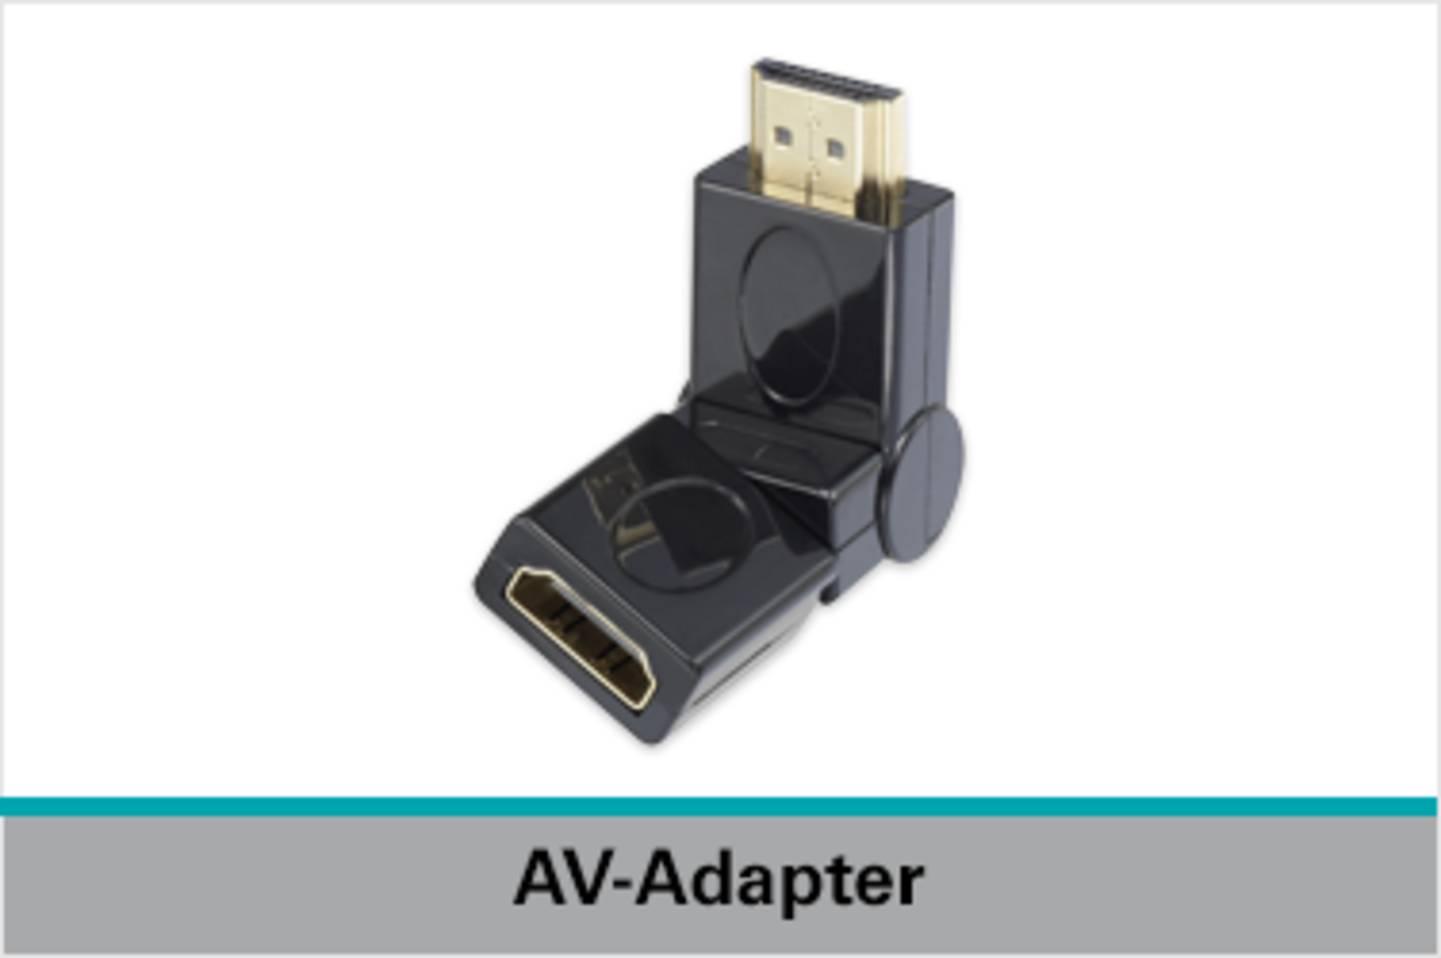 Speaka Professional AV-Adapter